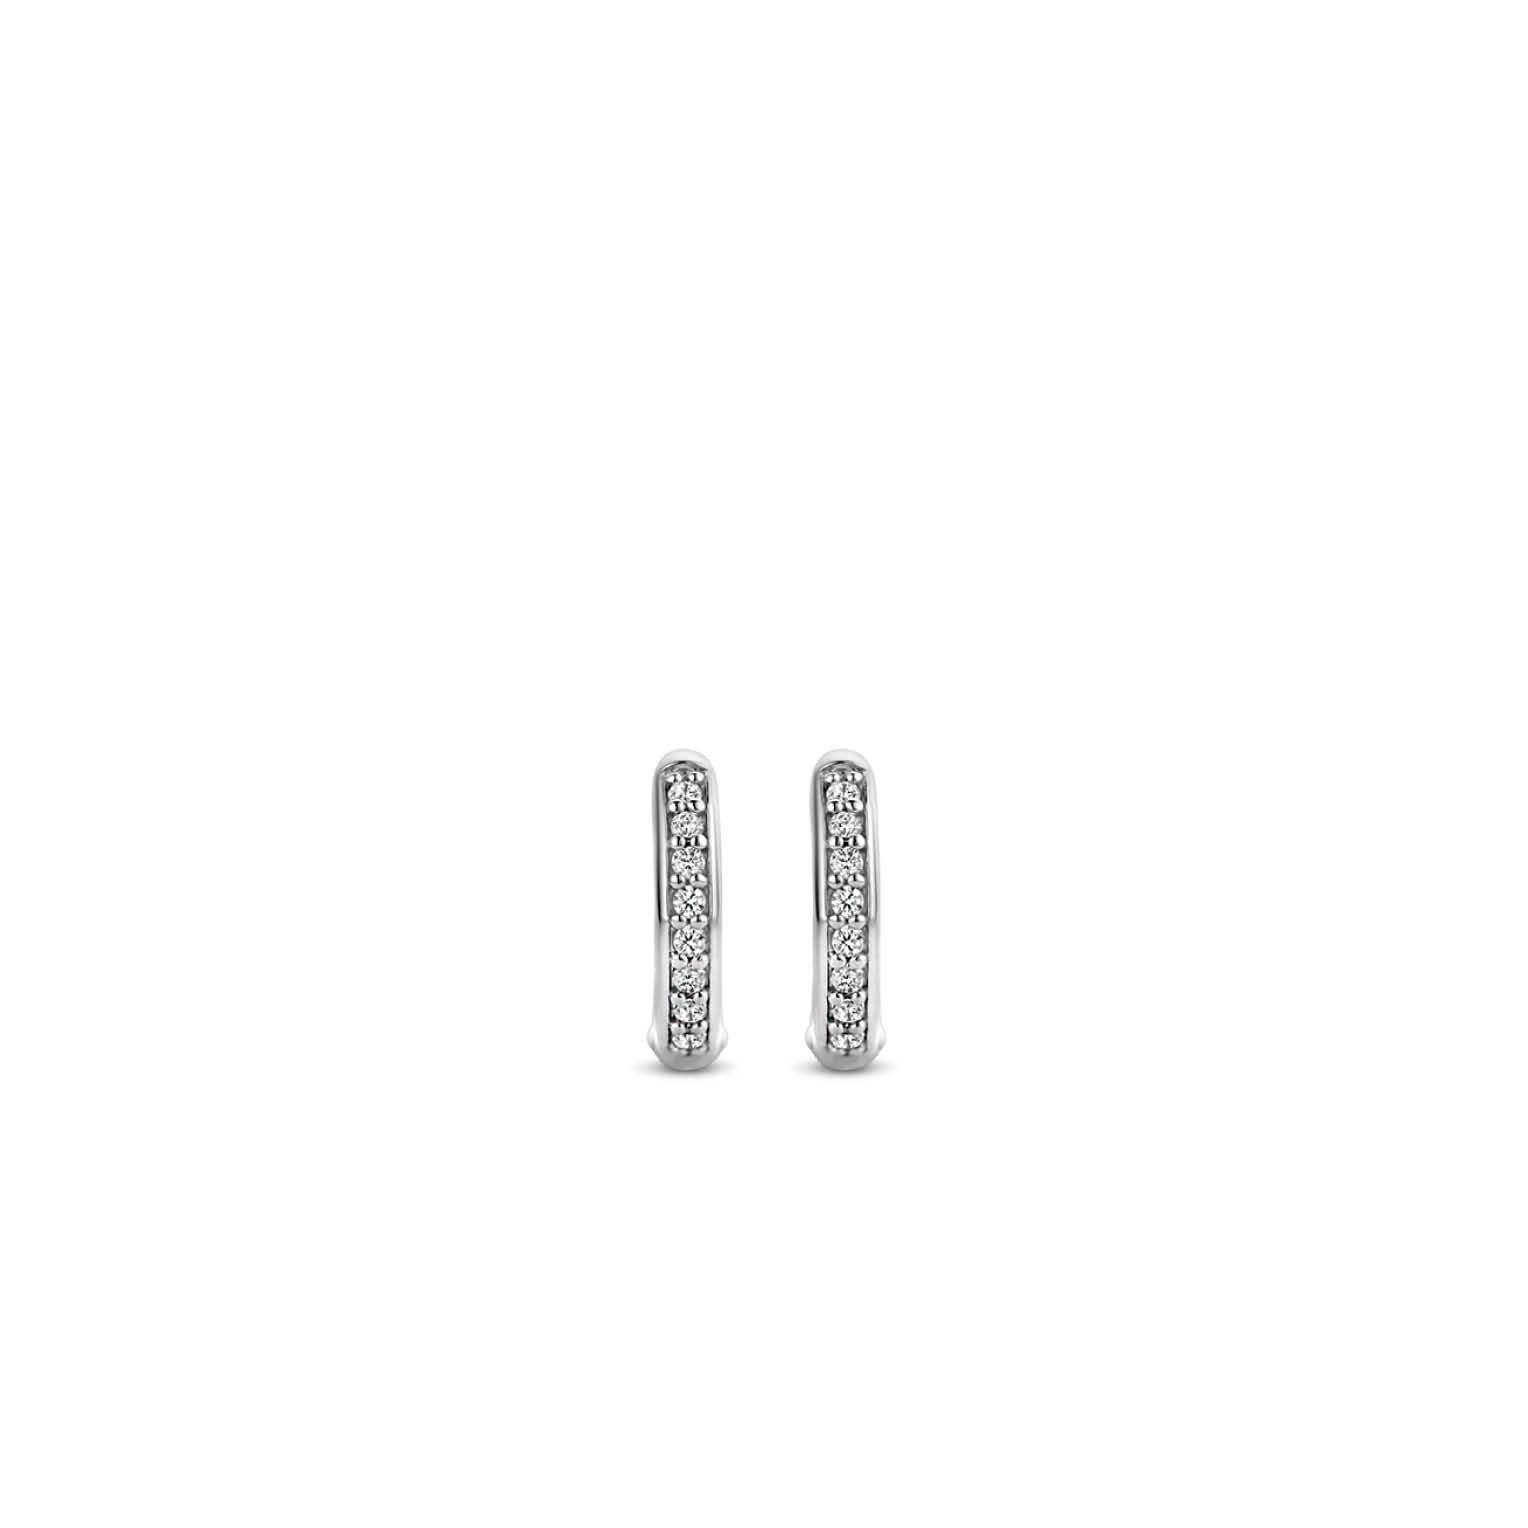 TI SENTO - Milano Earrings 7811ZI-2